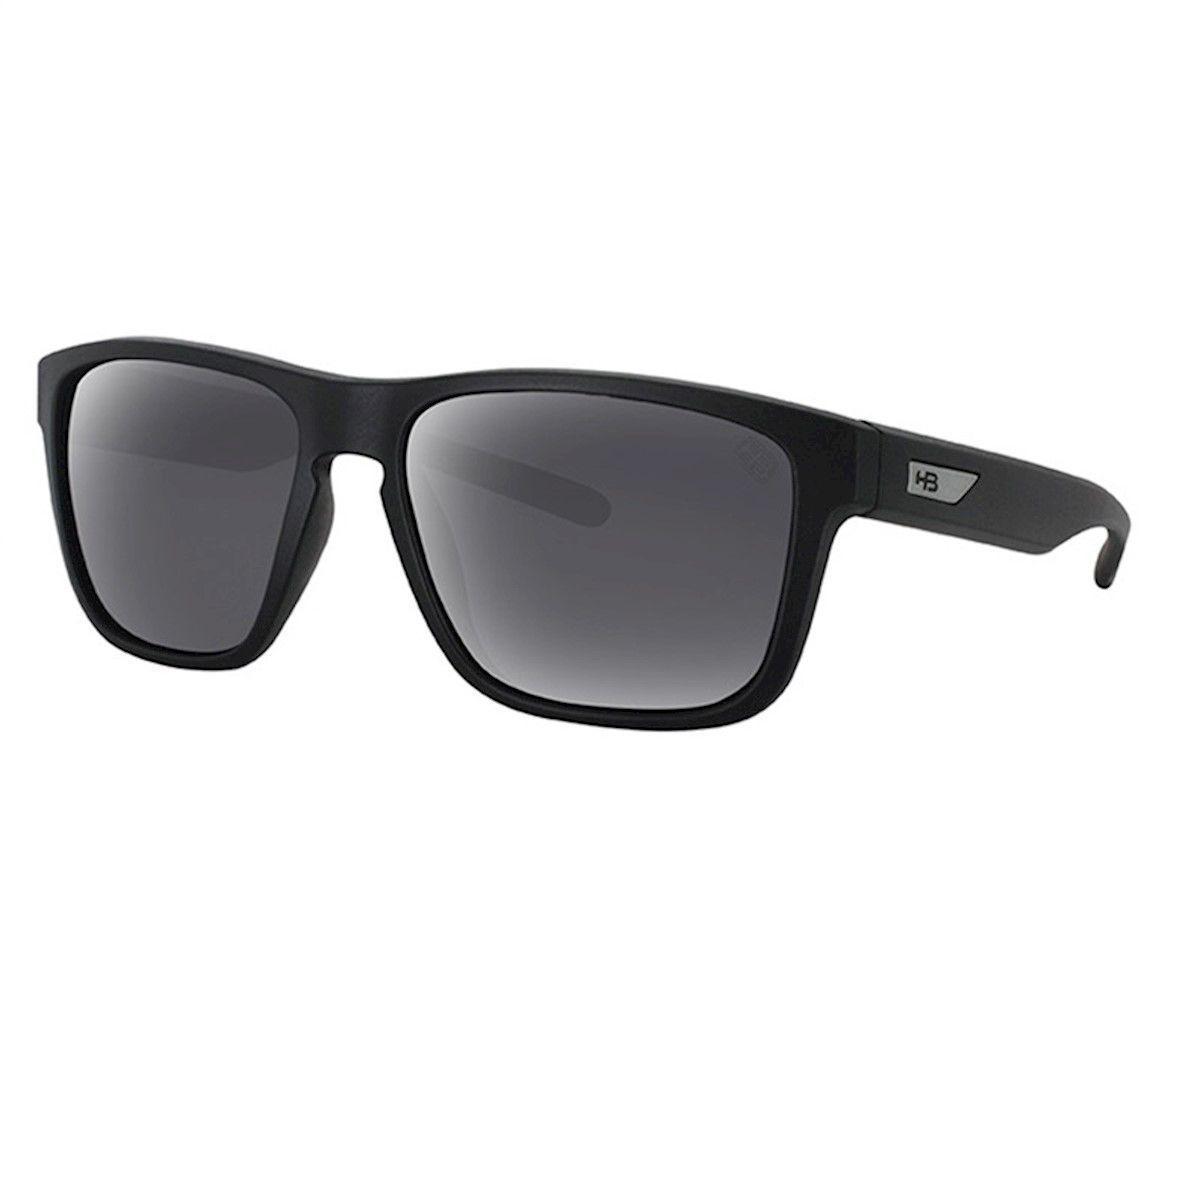 Óculos de sol HB  H-Bomb Matte Black